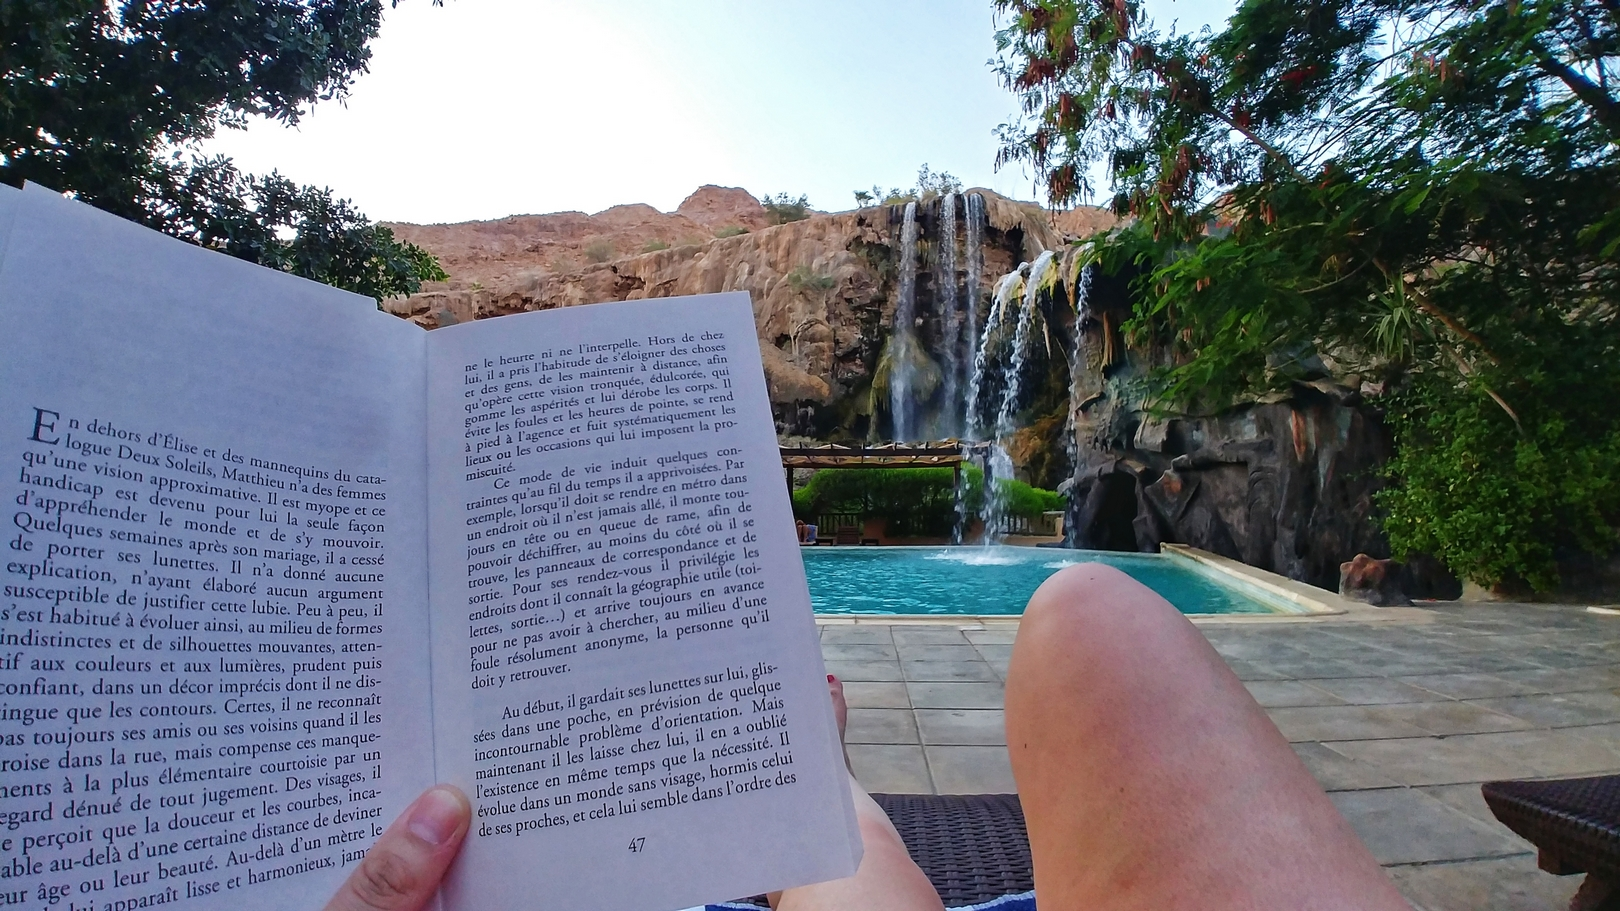 Jordanie - Fin de journée au pied des chutes d'eau chaude de Ma'In hotsprings